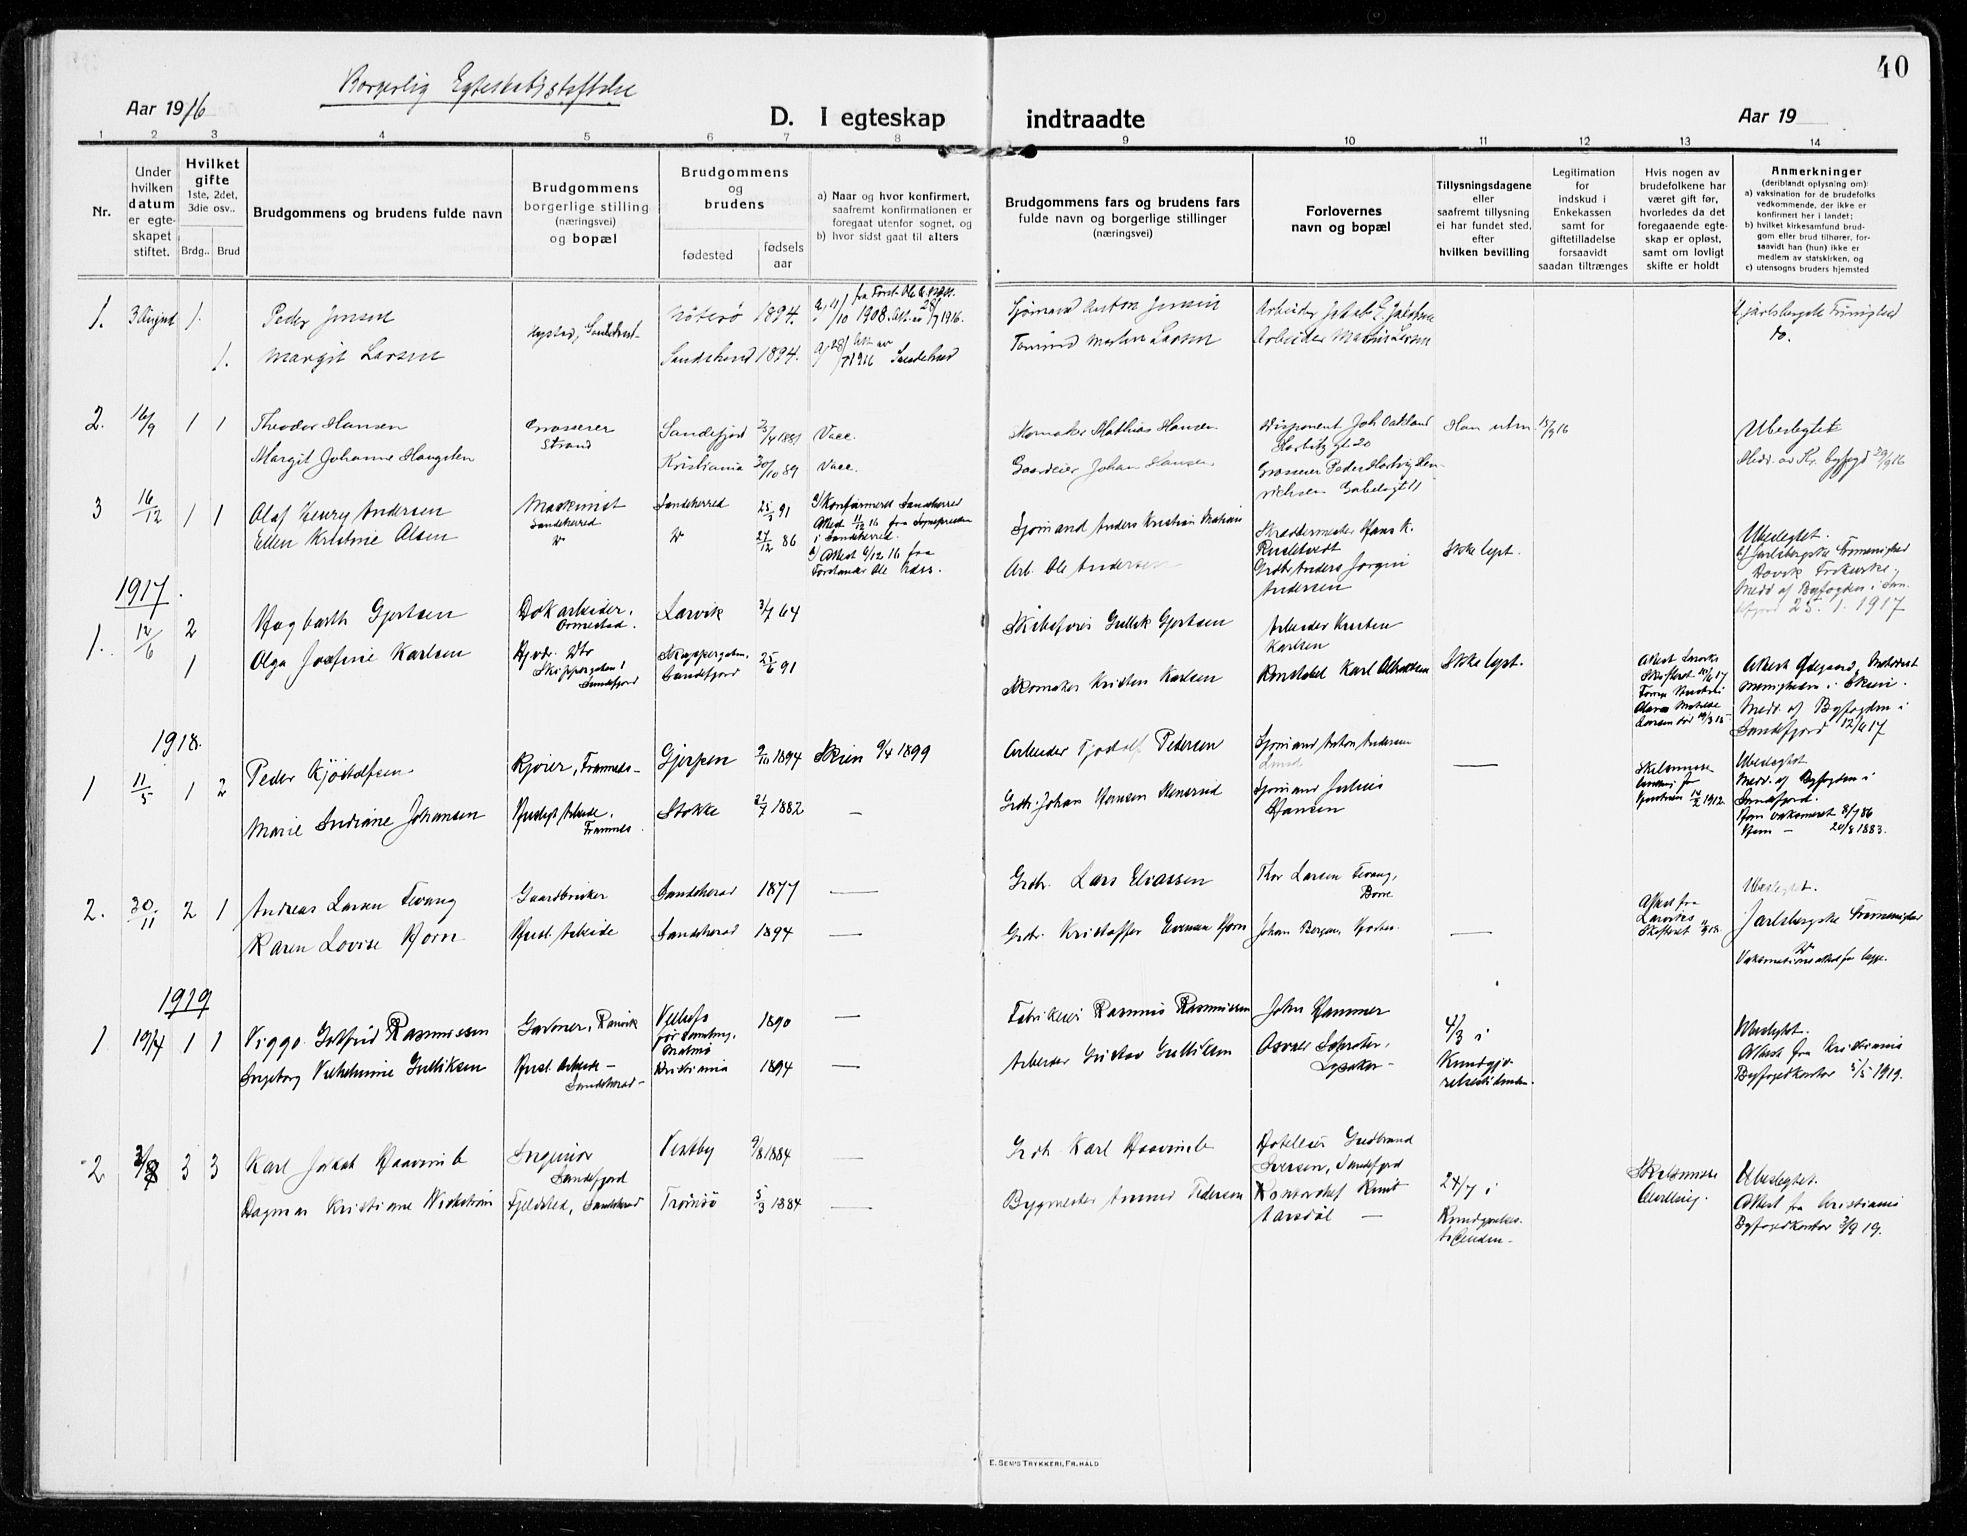 SAKO, Sandar kirkebøker, F/Fa/L0020: Ministerialbok nr. 20, 1915-1919, s. 40